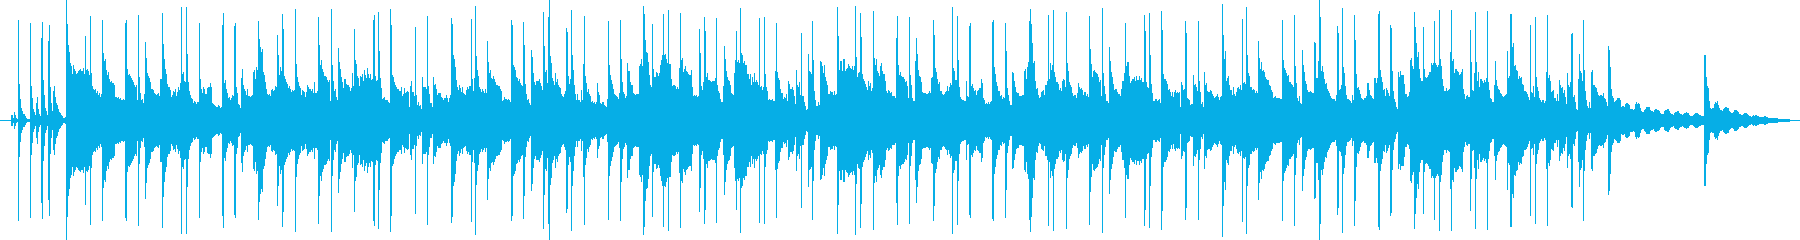 【店舗BGM】サタデーモーニングの再生済みの波形